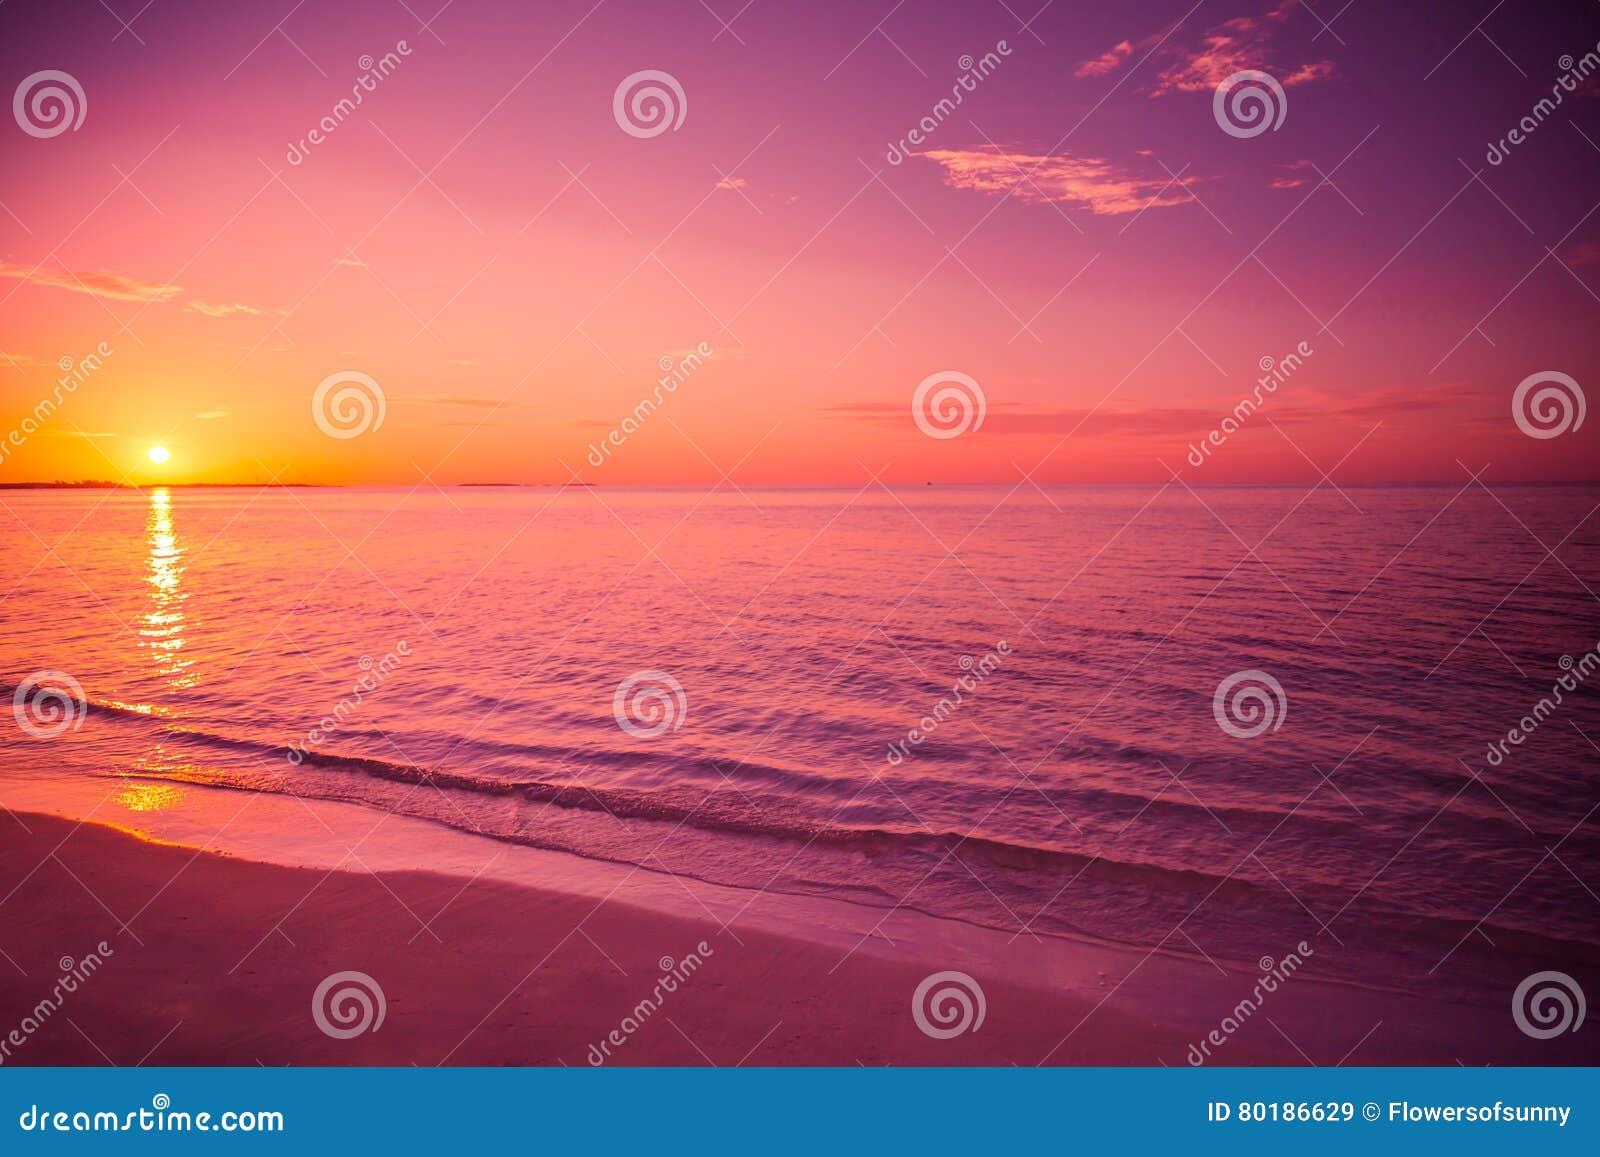 Изумительный заход солнца пляжа Расслабляющие цвета с мягкими волнами